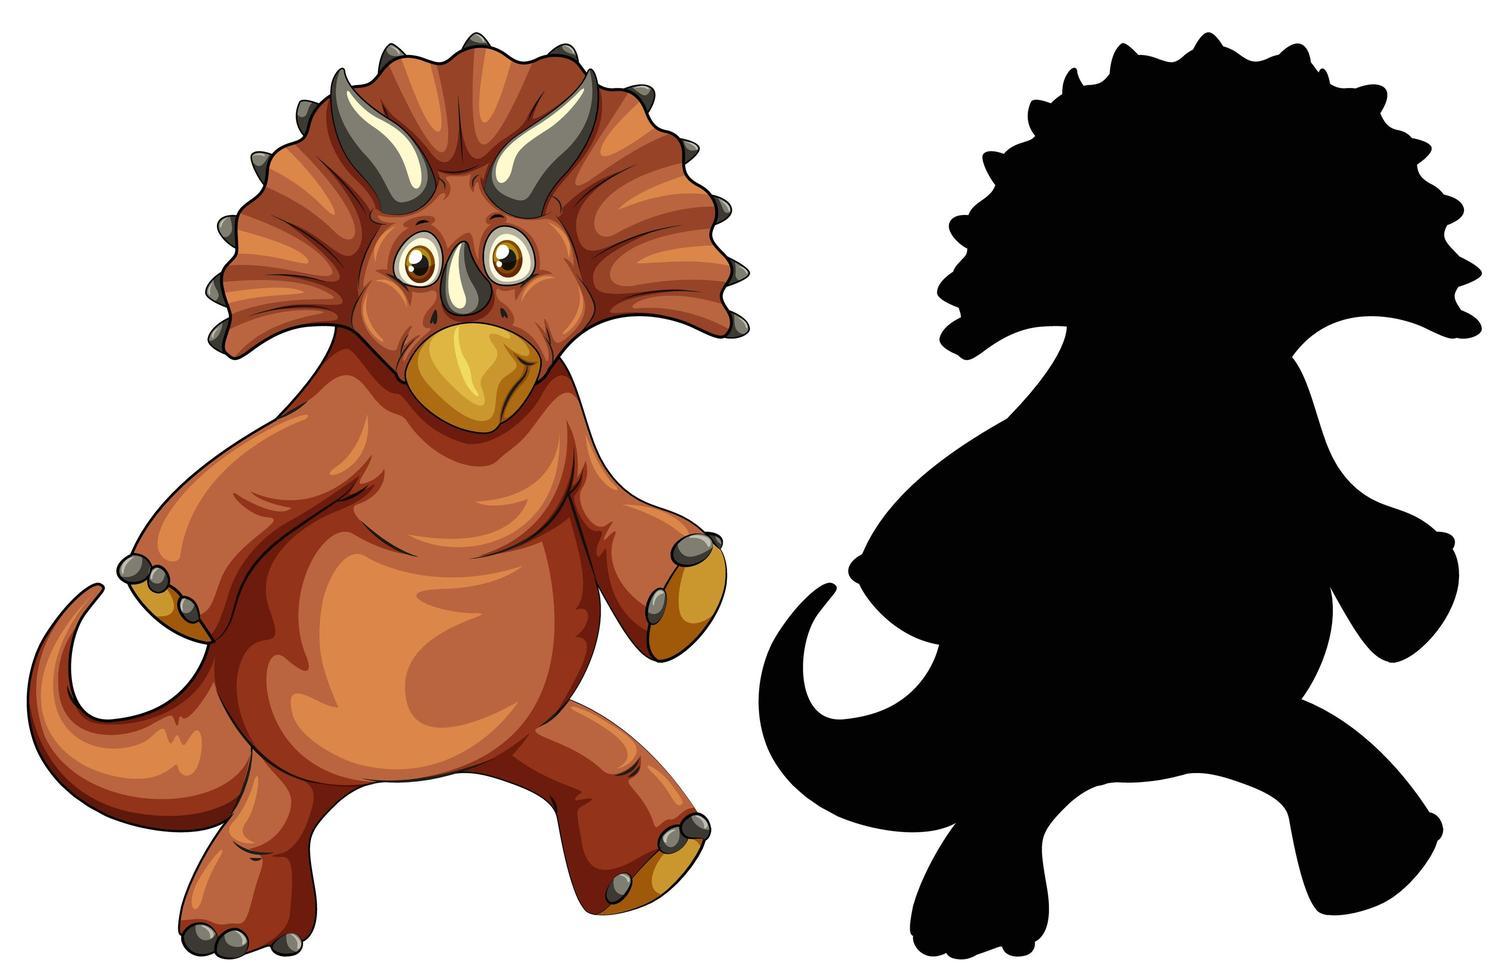 Conjunto de personaje de dibujos animados de dinosaurios y su silueta sobre fondo blanco. vector